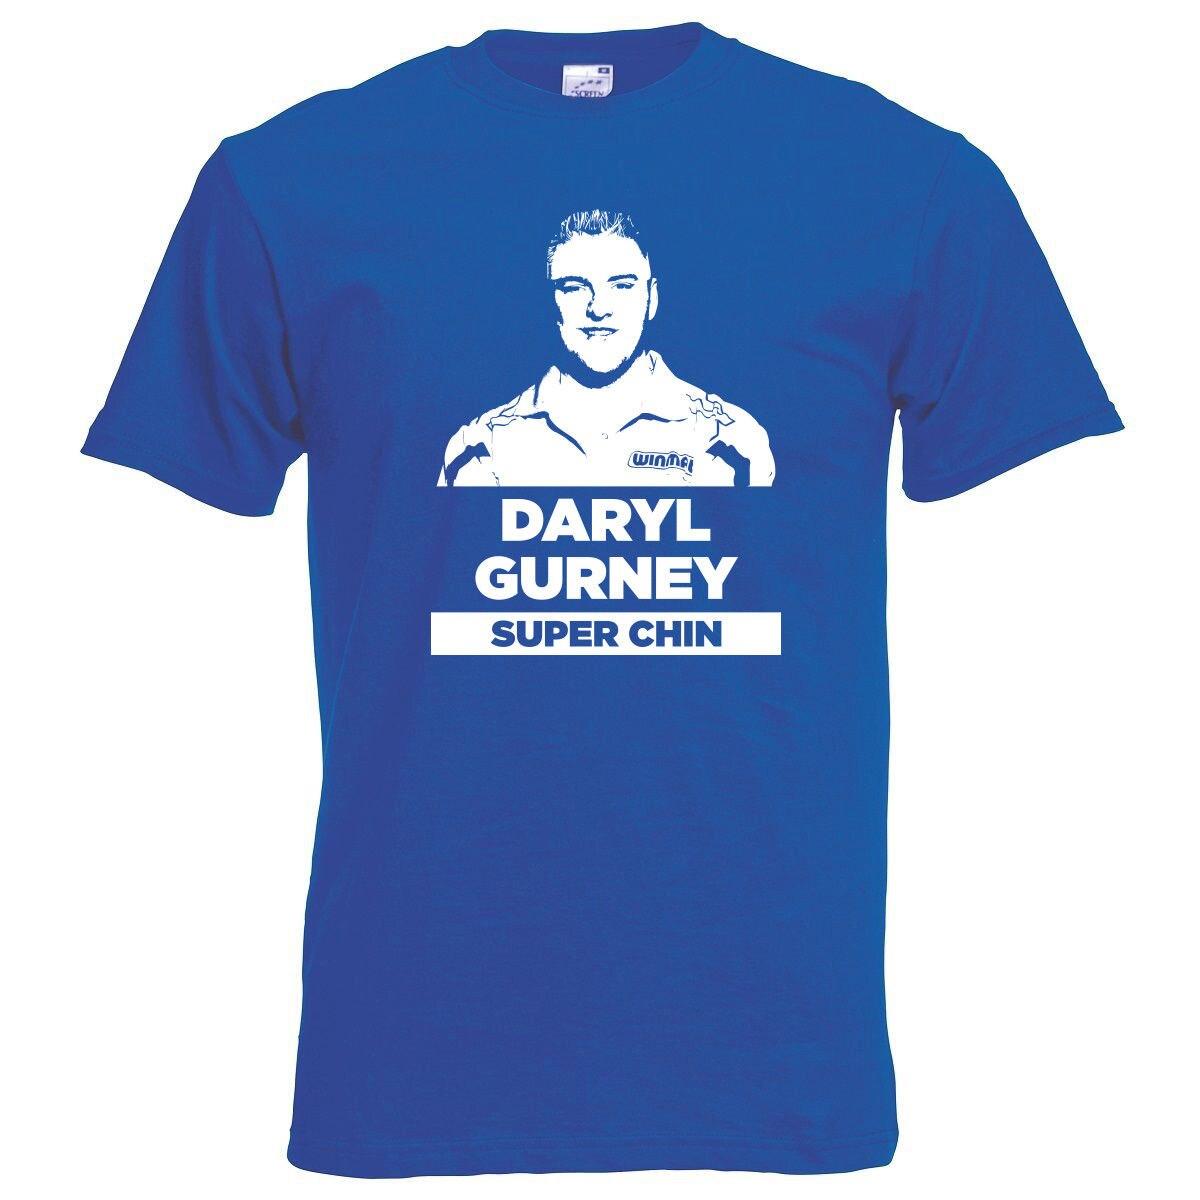 Дэрил Gurney супер подбородка вытачки синяя футболка унисекс S-XL неофициальный